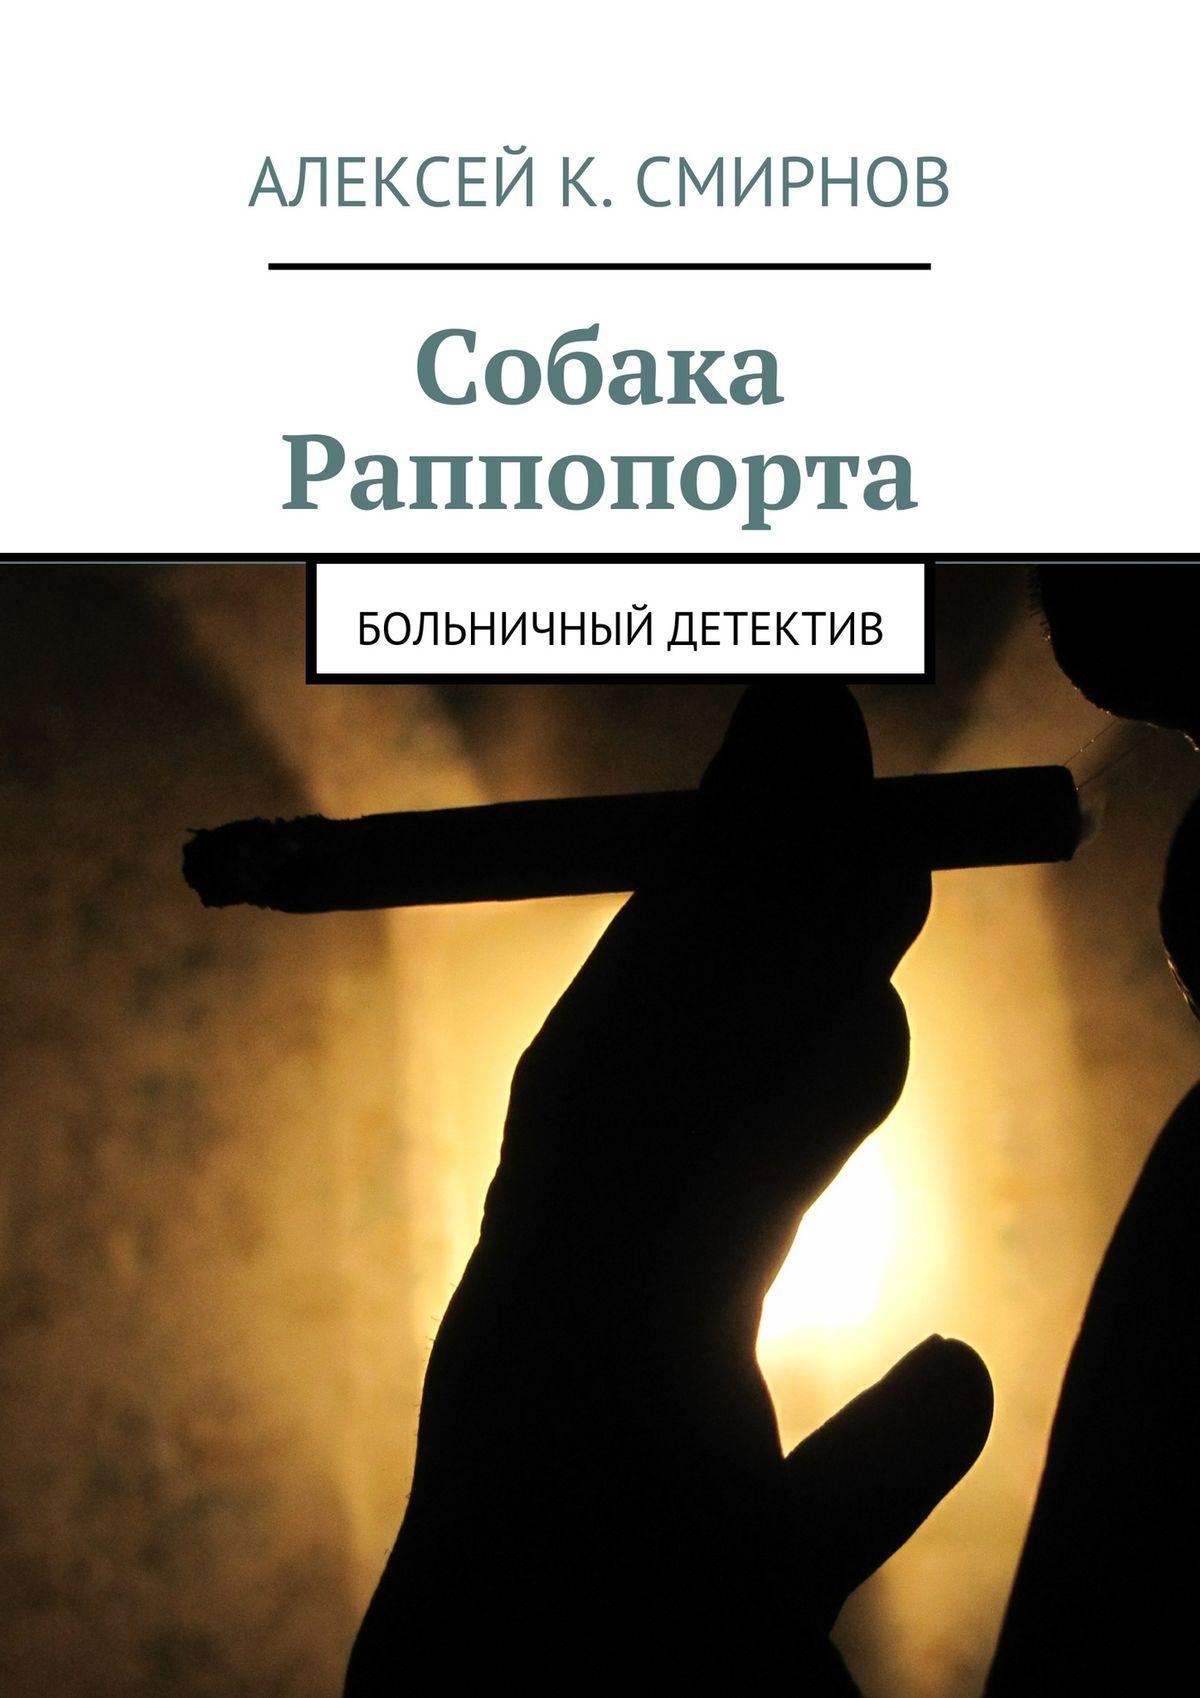 Алексей Смирнов Собака Раппопорта. Больничный детектив